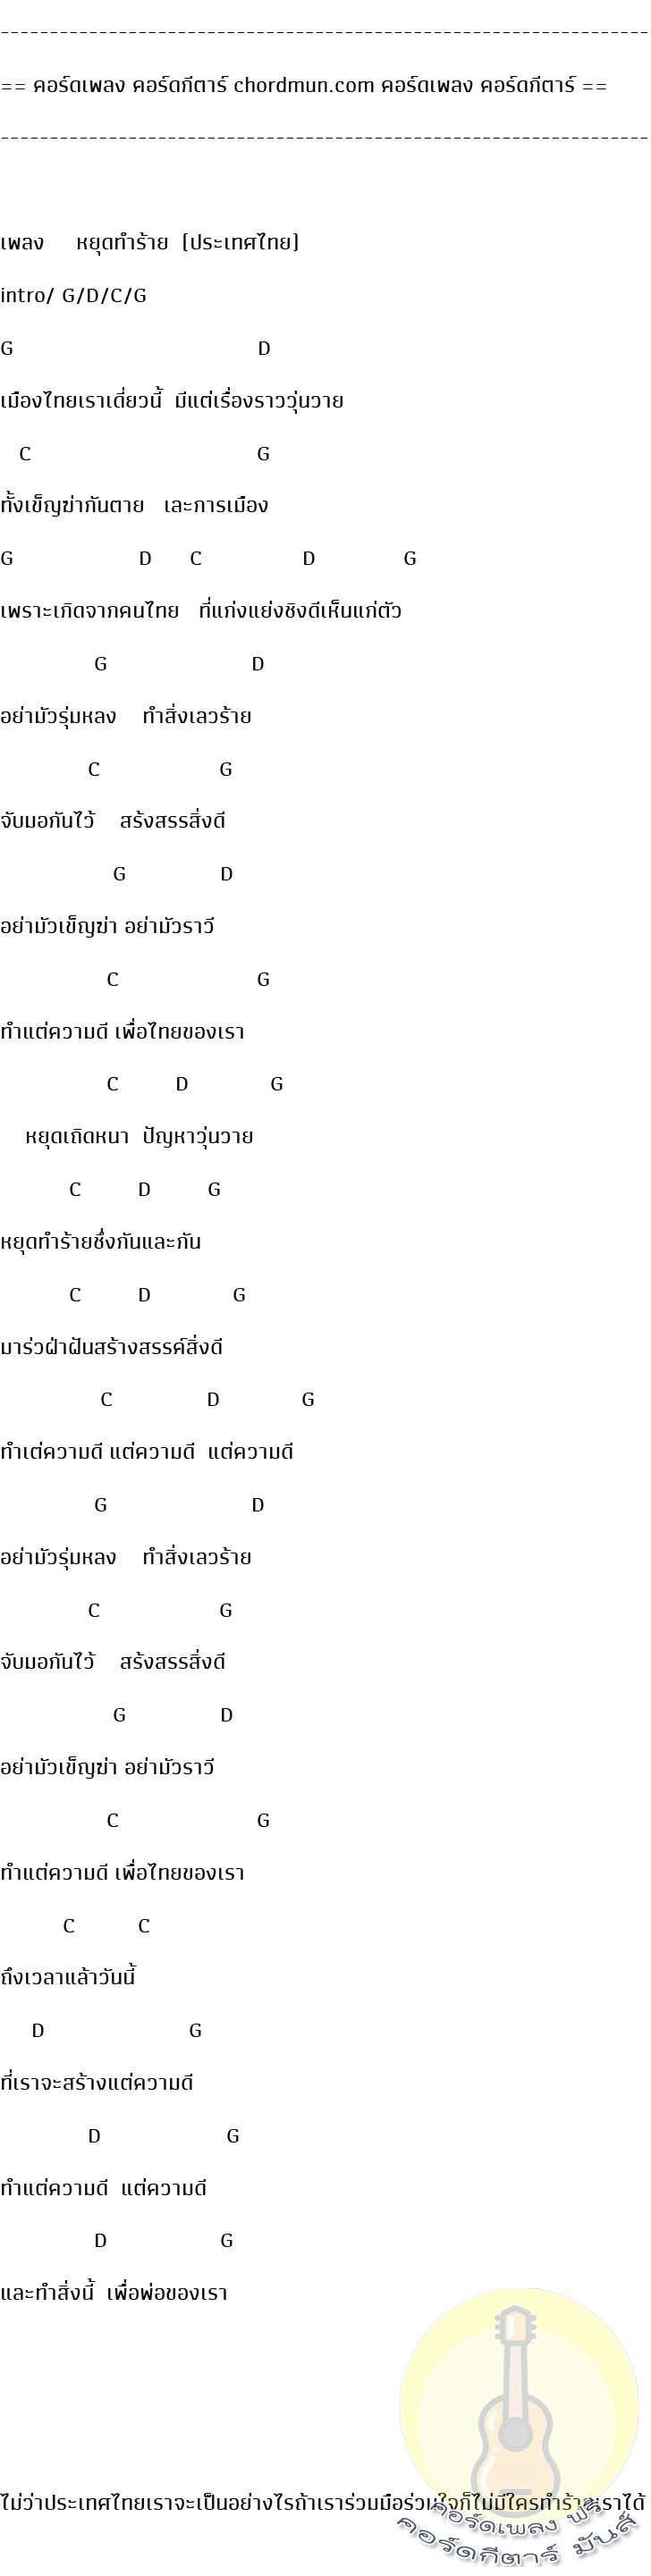 คอร์ดเพลงง่ายๆ  เพลง หยุดทำร้าย (ประเทศไทย)